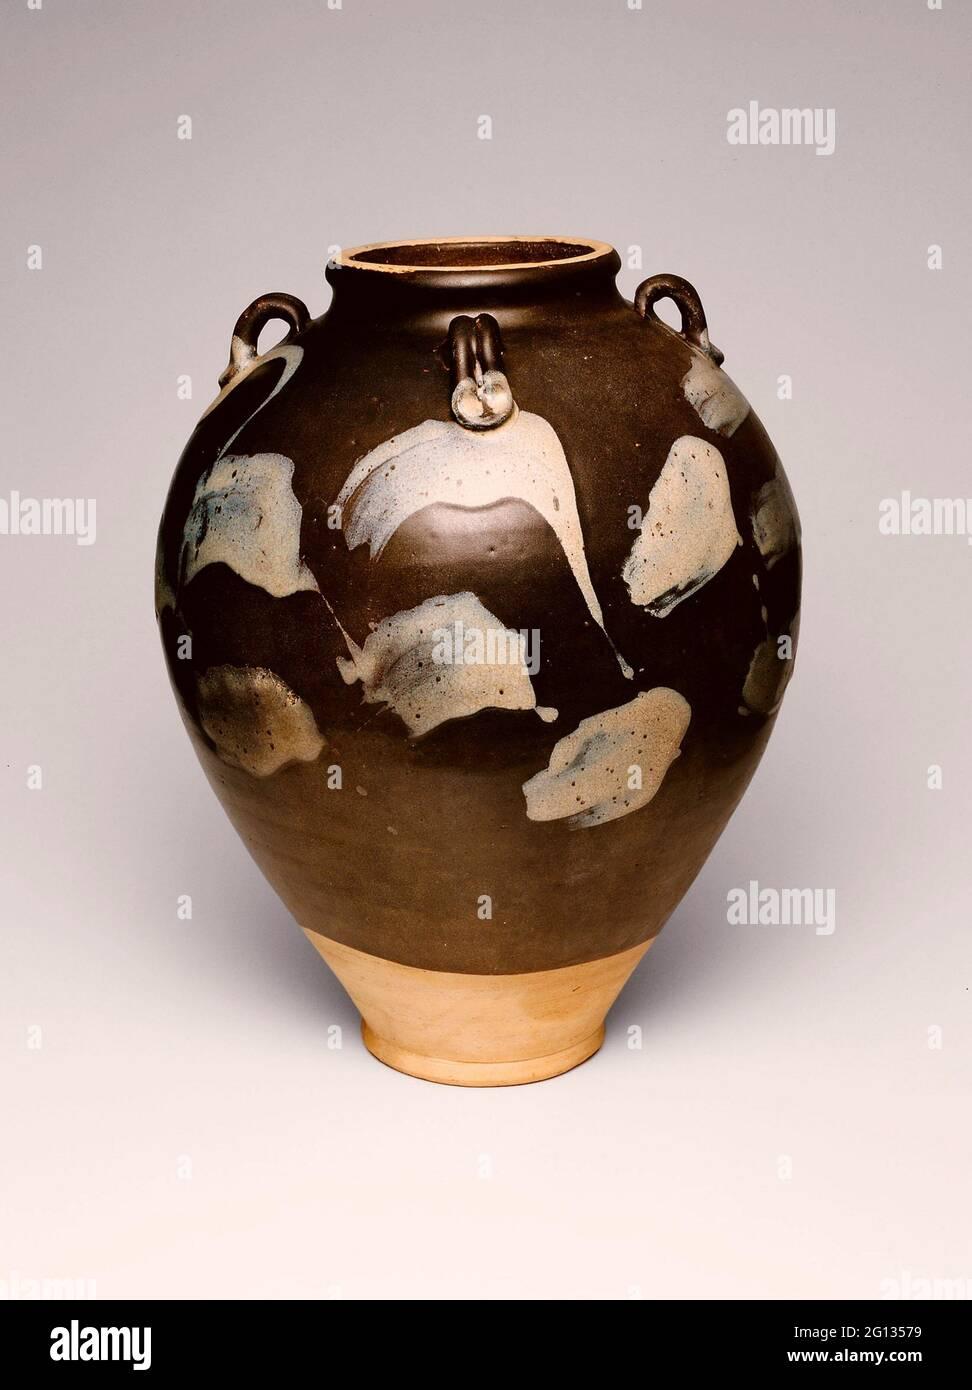 Bocal ovoïde - dynastie Tang (618 - 907), 8ème/9ème siècle - Chine, probablement province de Henan. Verres de Lushan; grès brun-fer et éclaboussé Banque D'Images